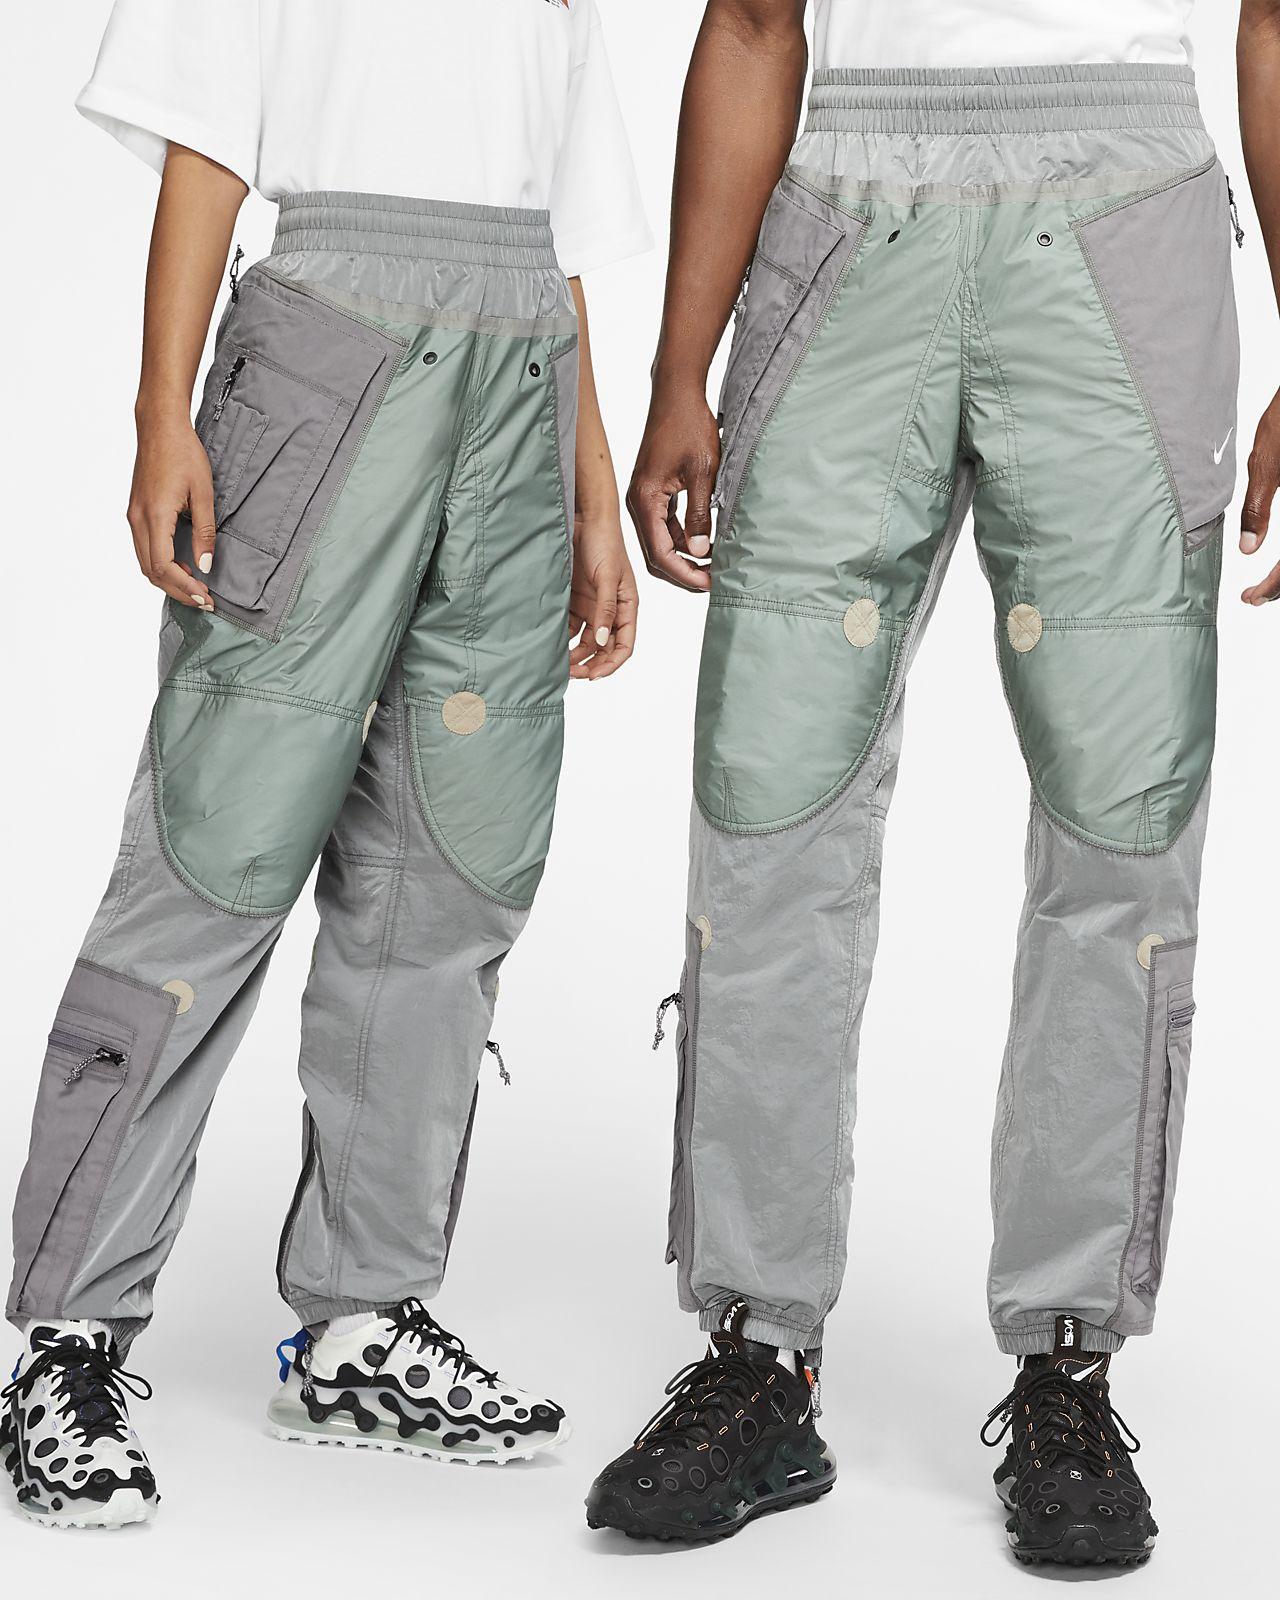 Nike ISPA Adjustable Pants